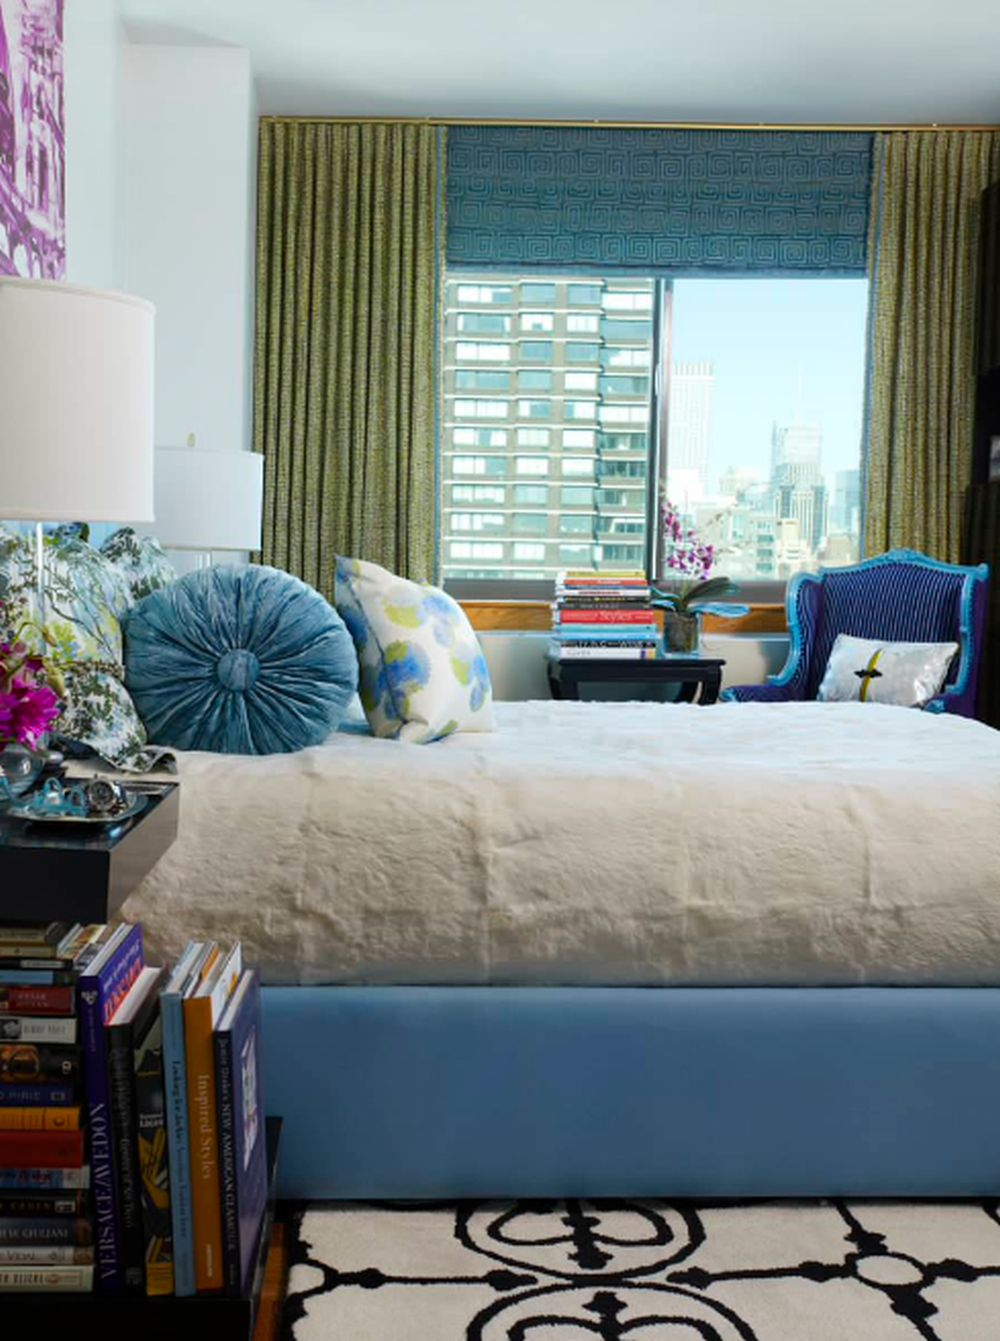 adelaparvu-com-despre-cum-iti-aranjezi-patul-foto-michael-tavano-design